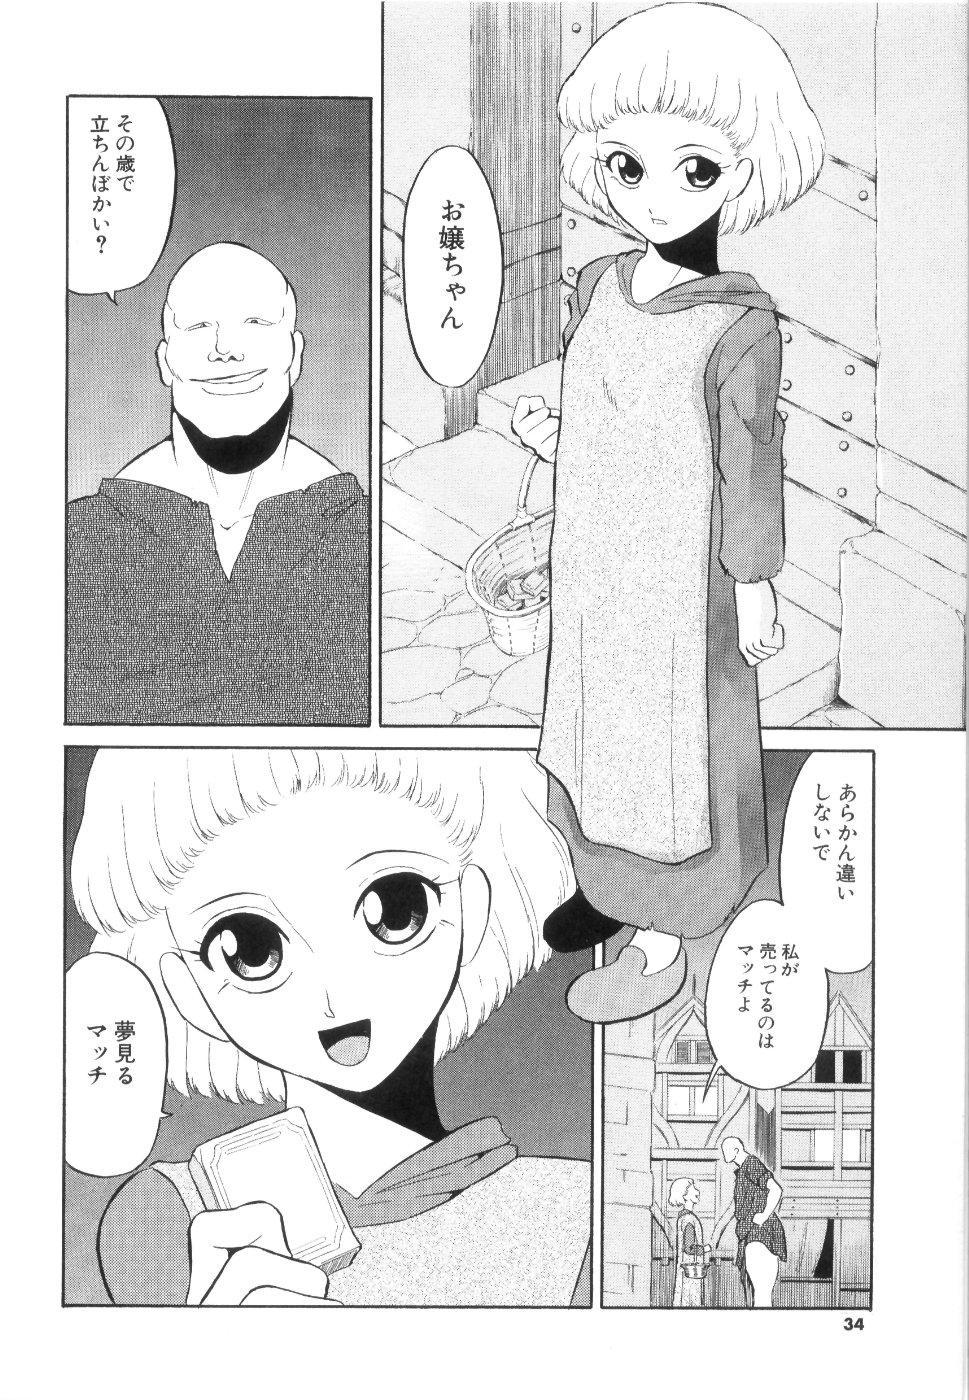 [Dozamura] Doguu -Dozamura Guuwa- Kuro 34